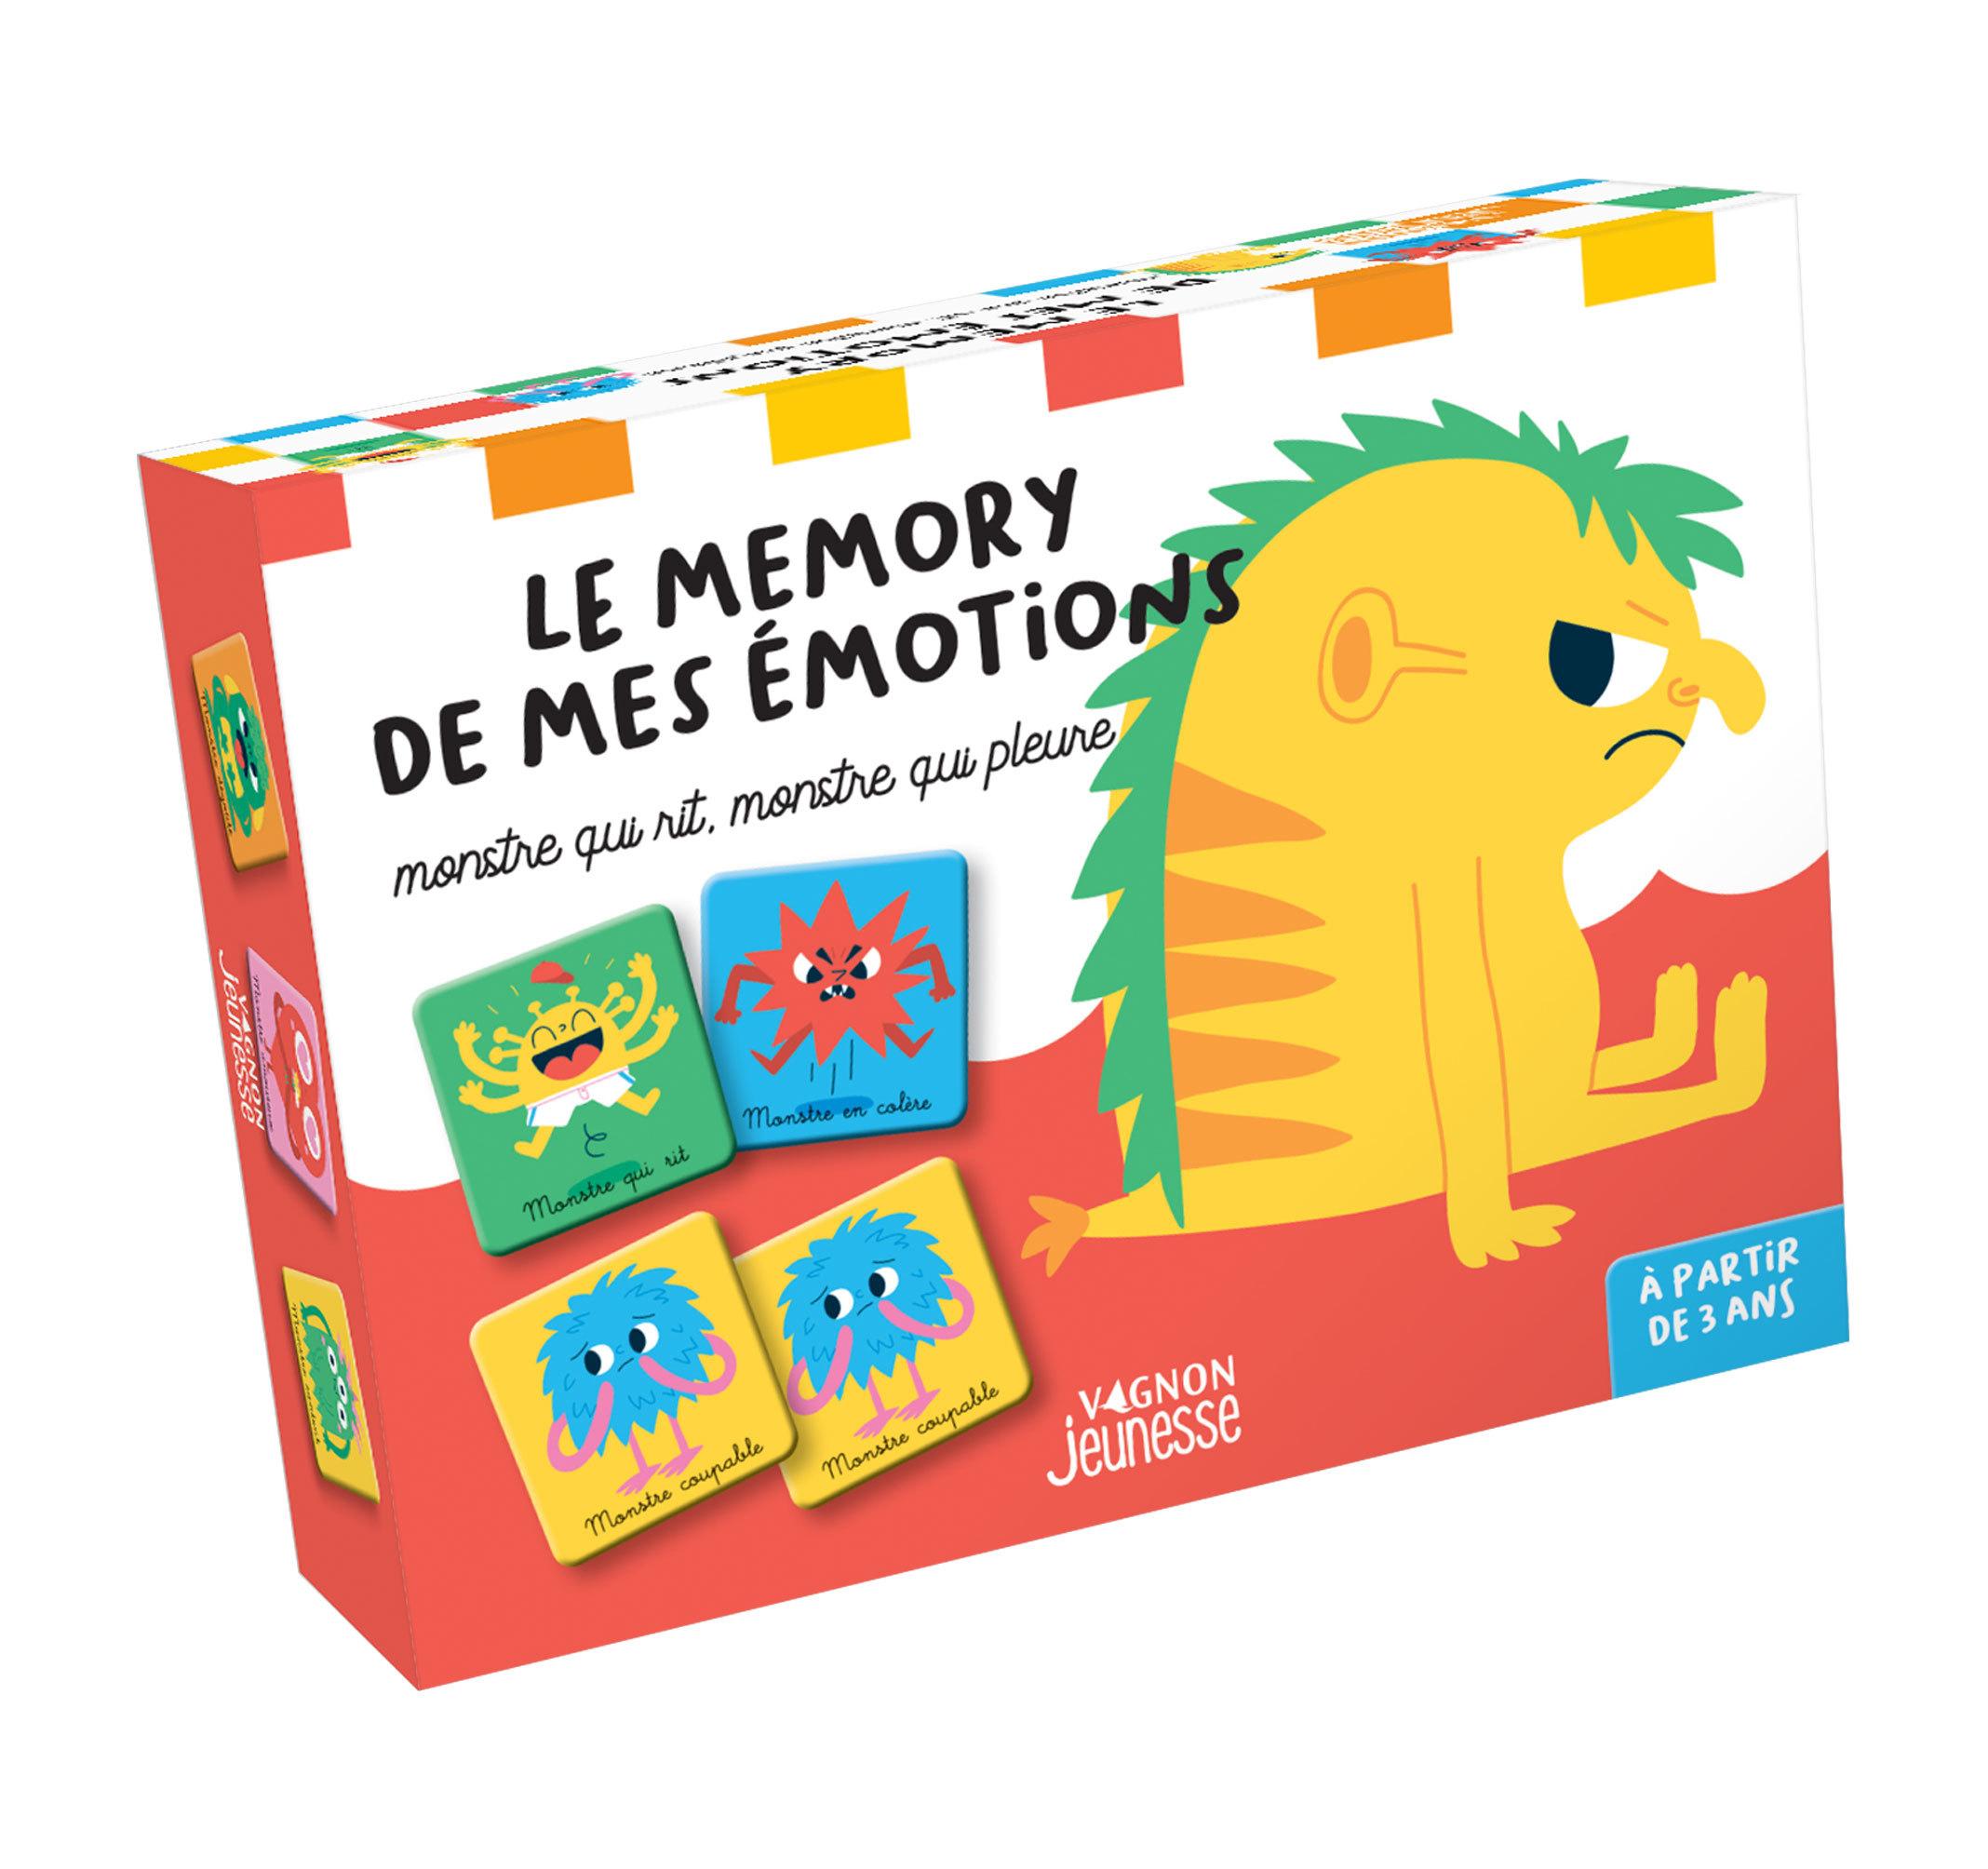 LE MEMORY DE MES EMOTIONS. MONSTRE QUI RIT, MONSTRE QUI PLEURE